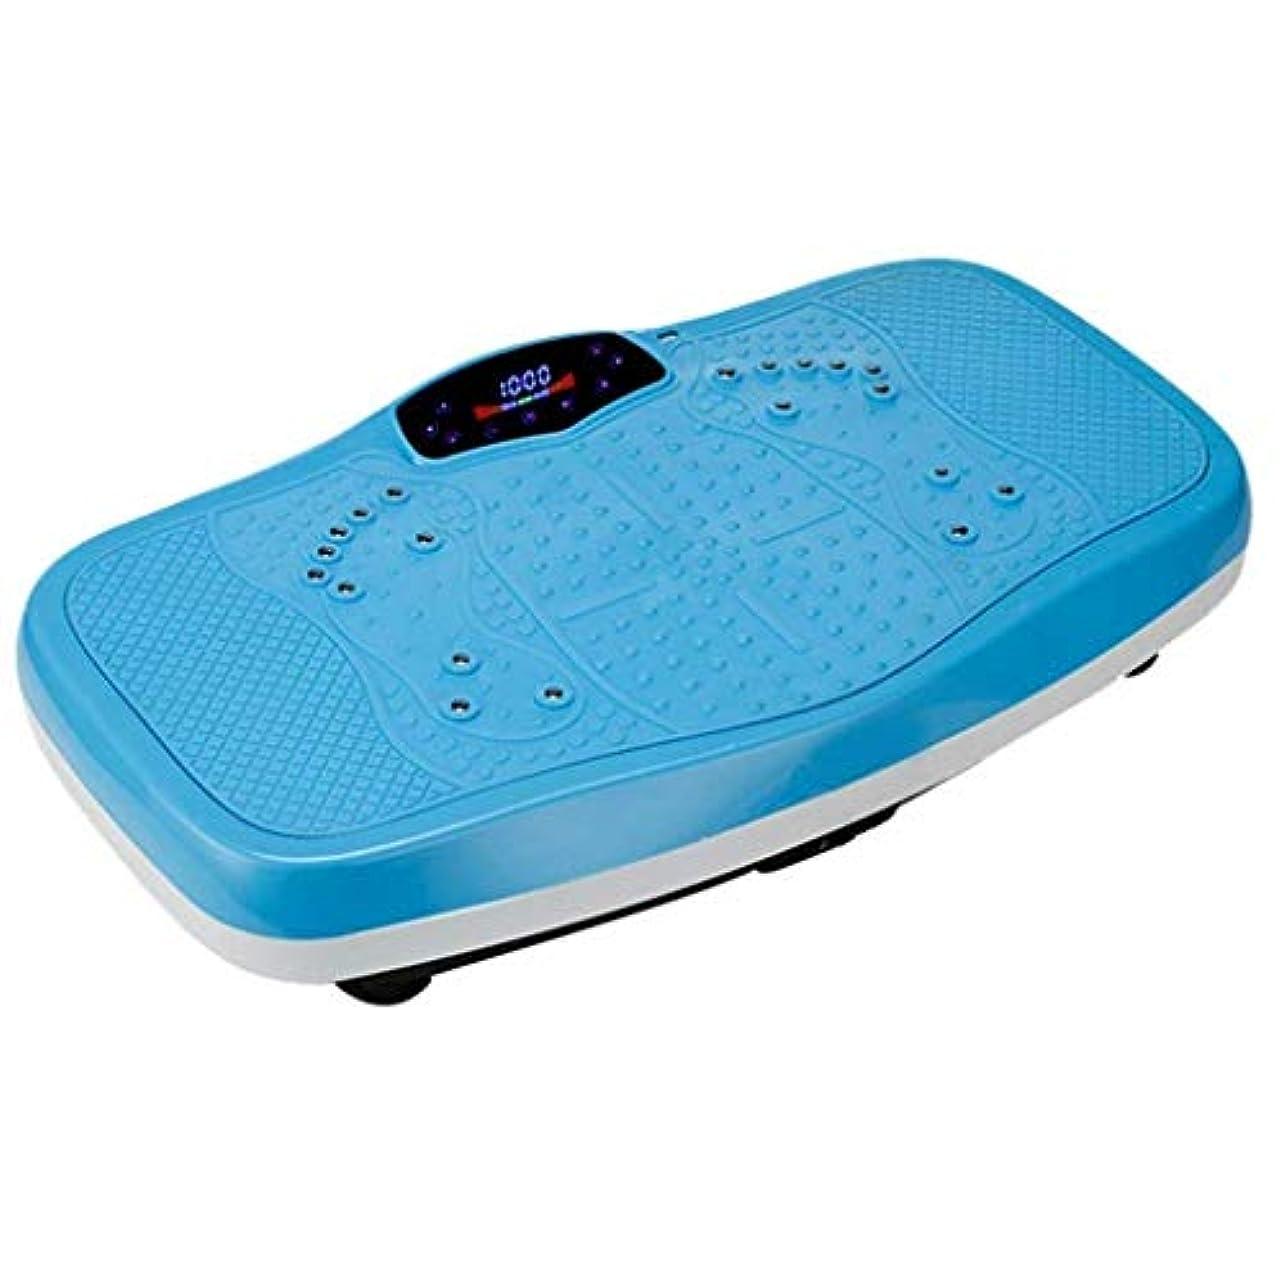 セブン強風腹減量機、運動振動フィットネス形状体重減量機、Bluetoothスピーカー、家族/ジムに適し、ホームオフィス減量 (Color : 青)